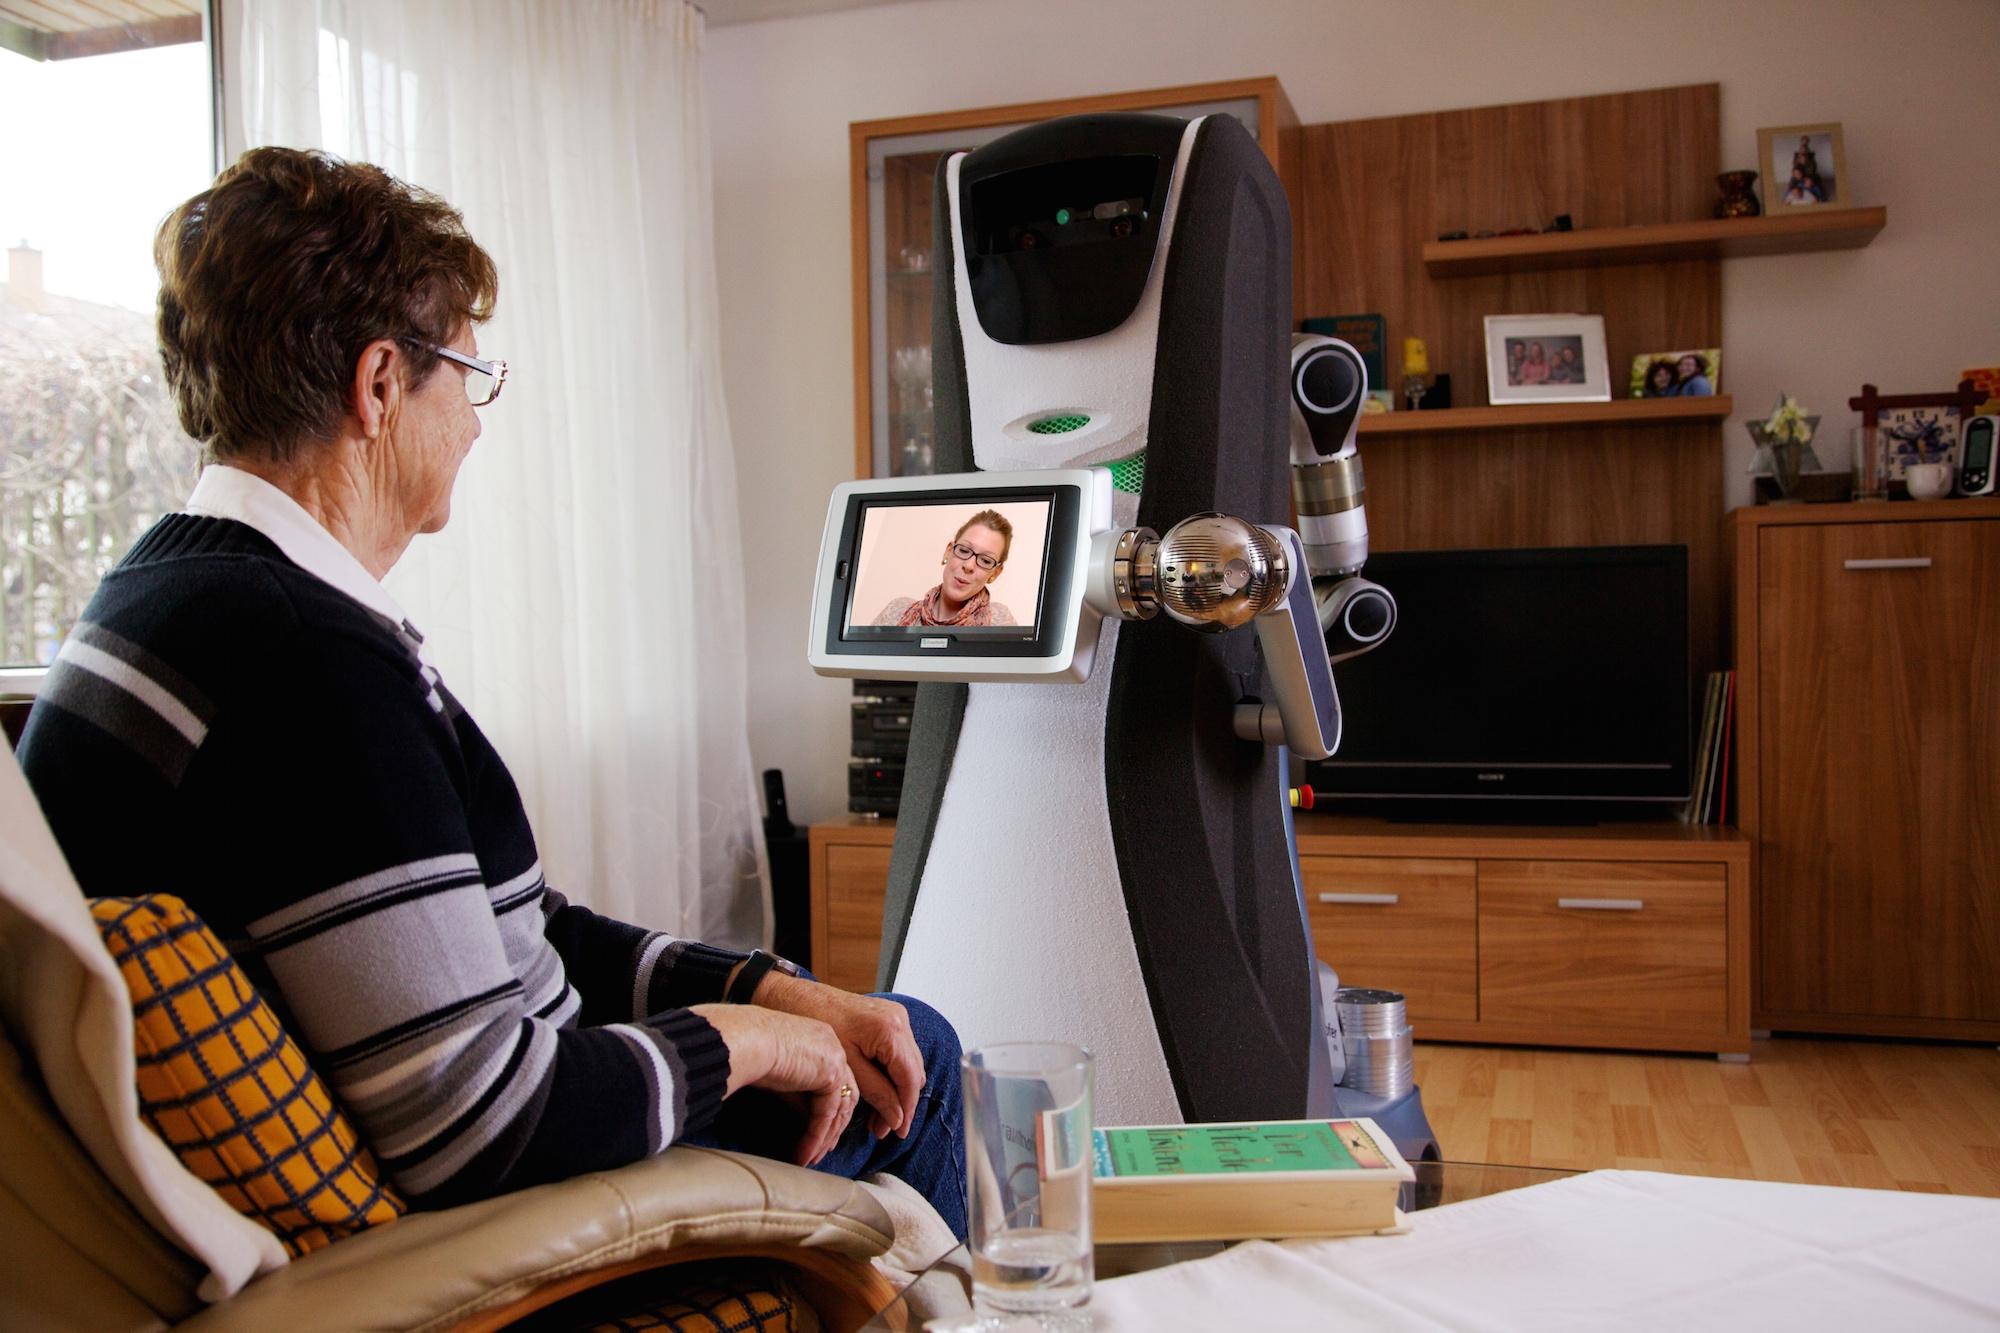 New U S Robotics Roadmap Calls For Regulation Research